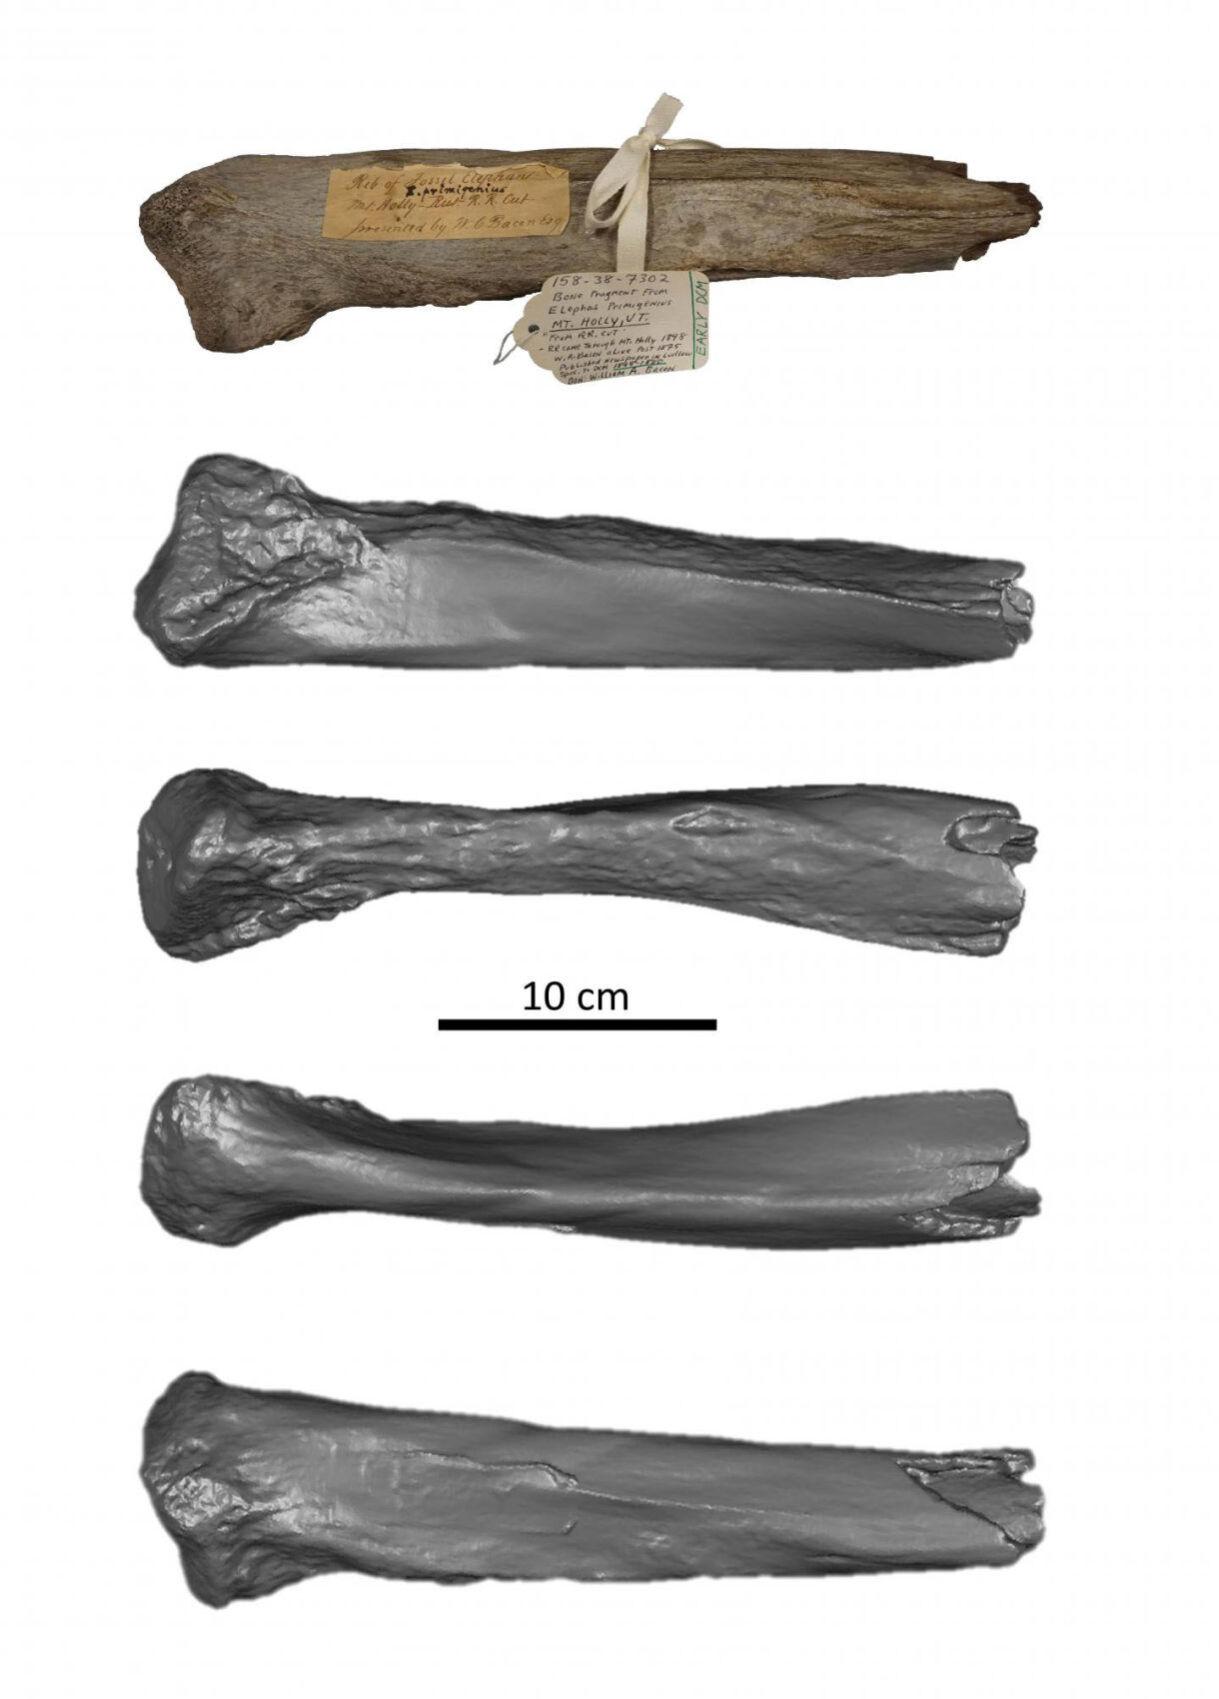 Mammoth rib fragment